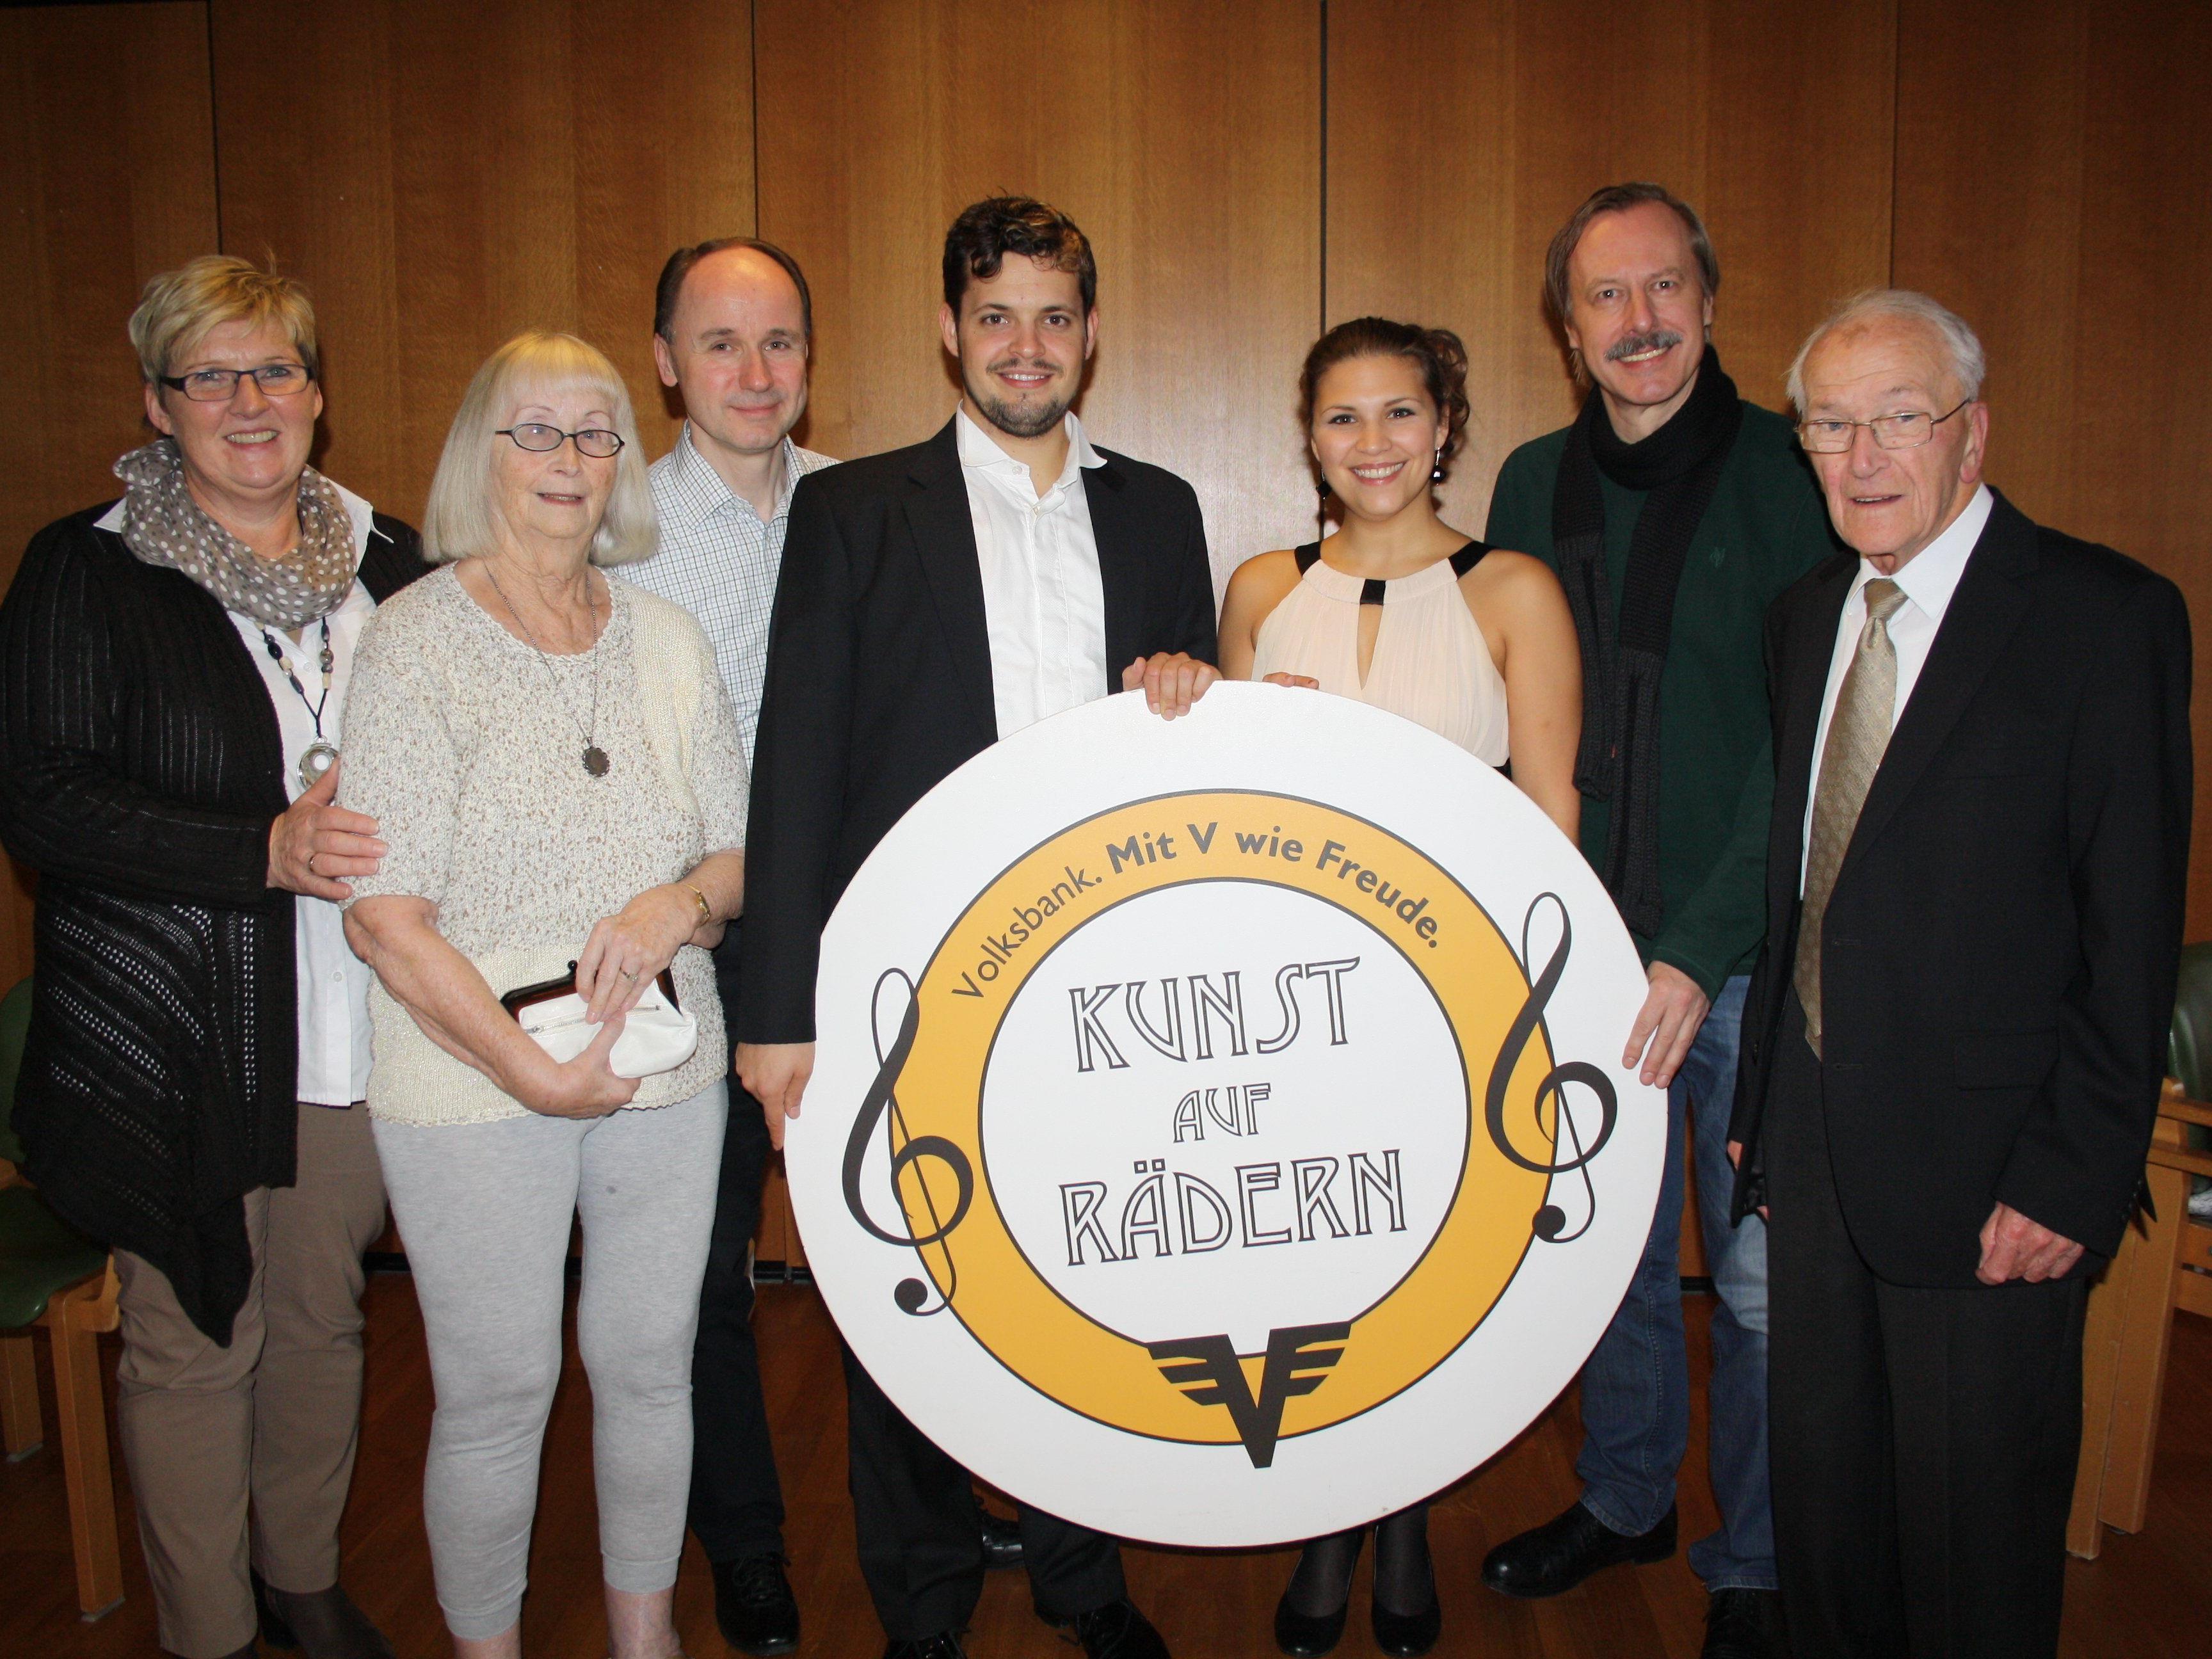 """Die Künstlergruppe """"Kunst auf Rädern"""" mit Herbert Fischerauer, Philippe Spiegel, Theresa Dittmar und Pavel Singer (Bildmitte) kam gerne zu diesem Konzertauftritt ins Pflegeheim Jesuheim nach Lochau."""